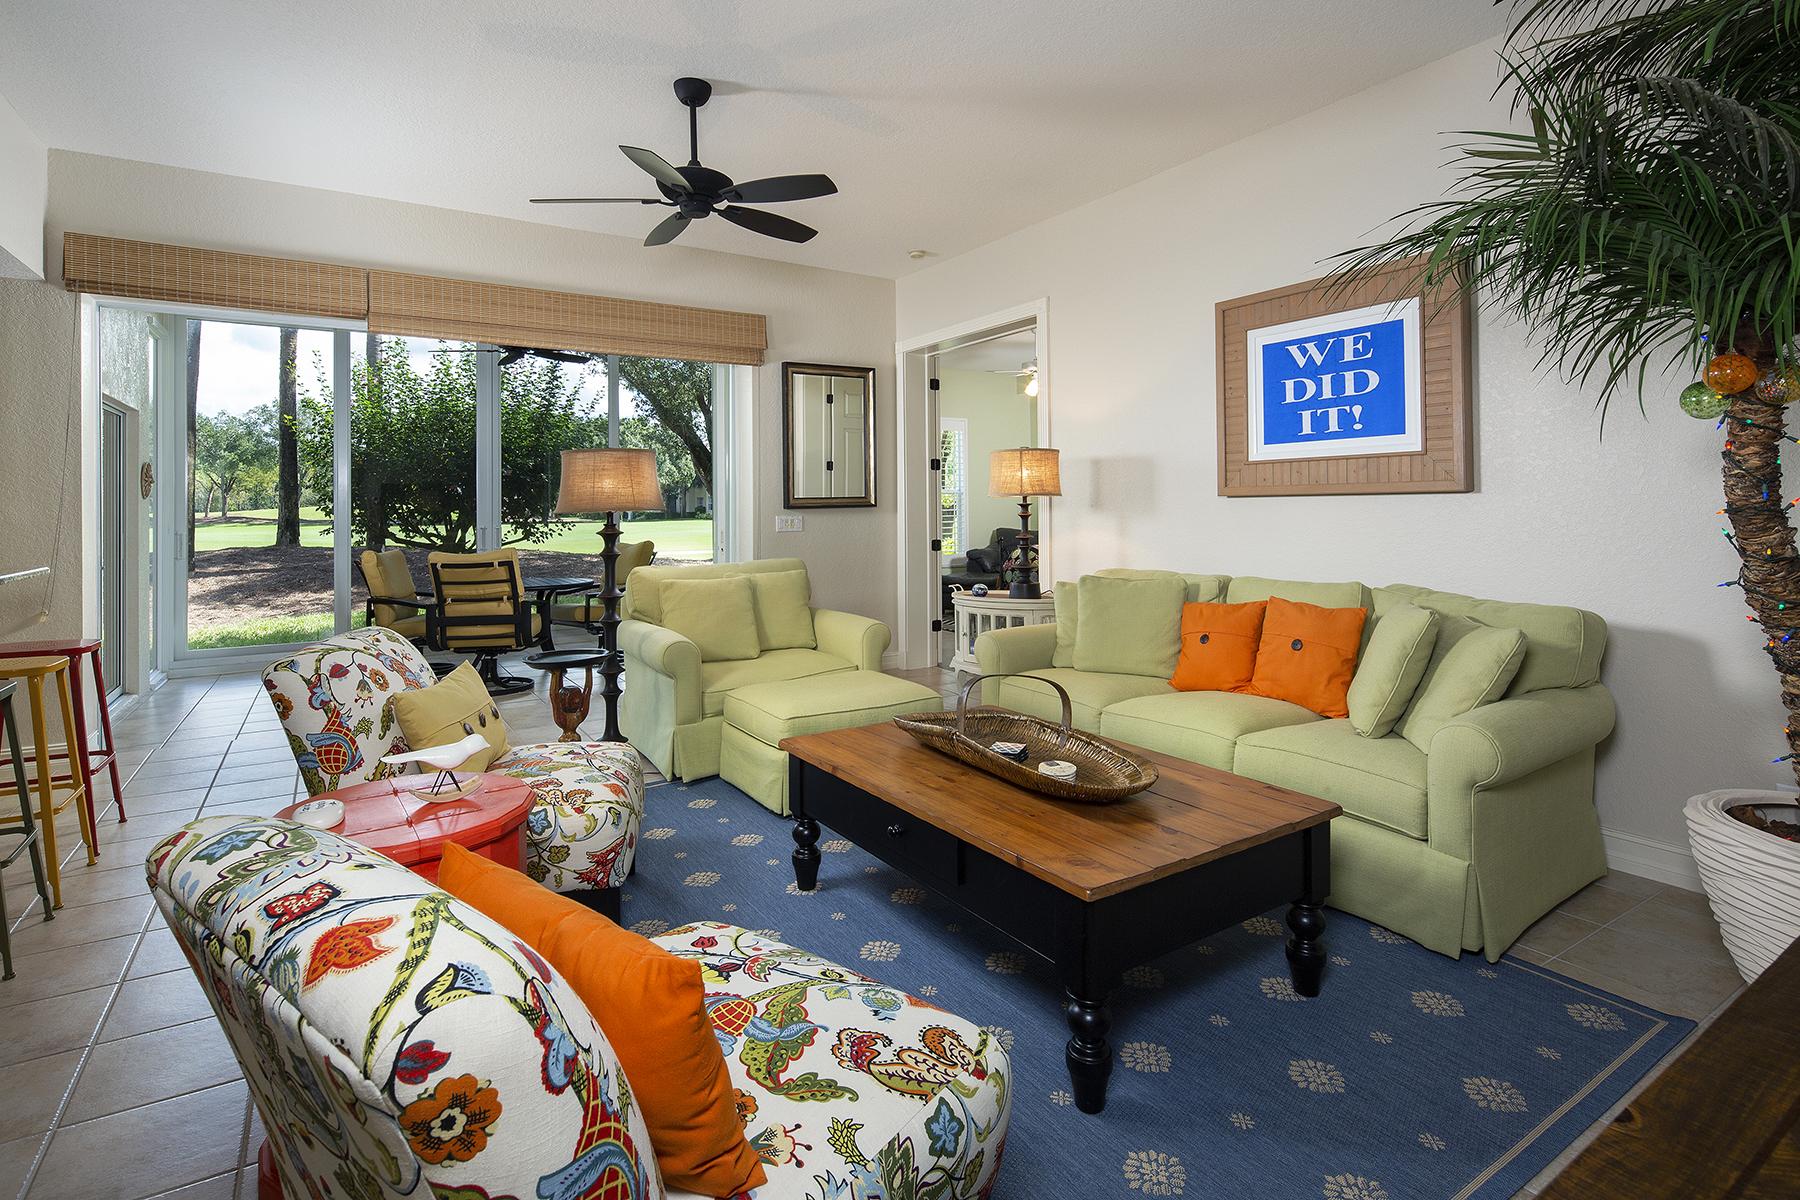 PALM COLONY-PELICAN LANDING 24671  Canary Island Ct 101 Bonita Springs, Florida 34134 Estados Unidos